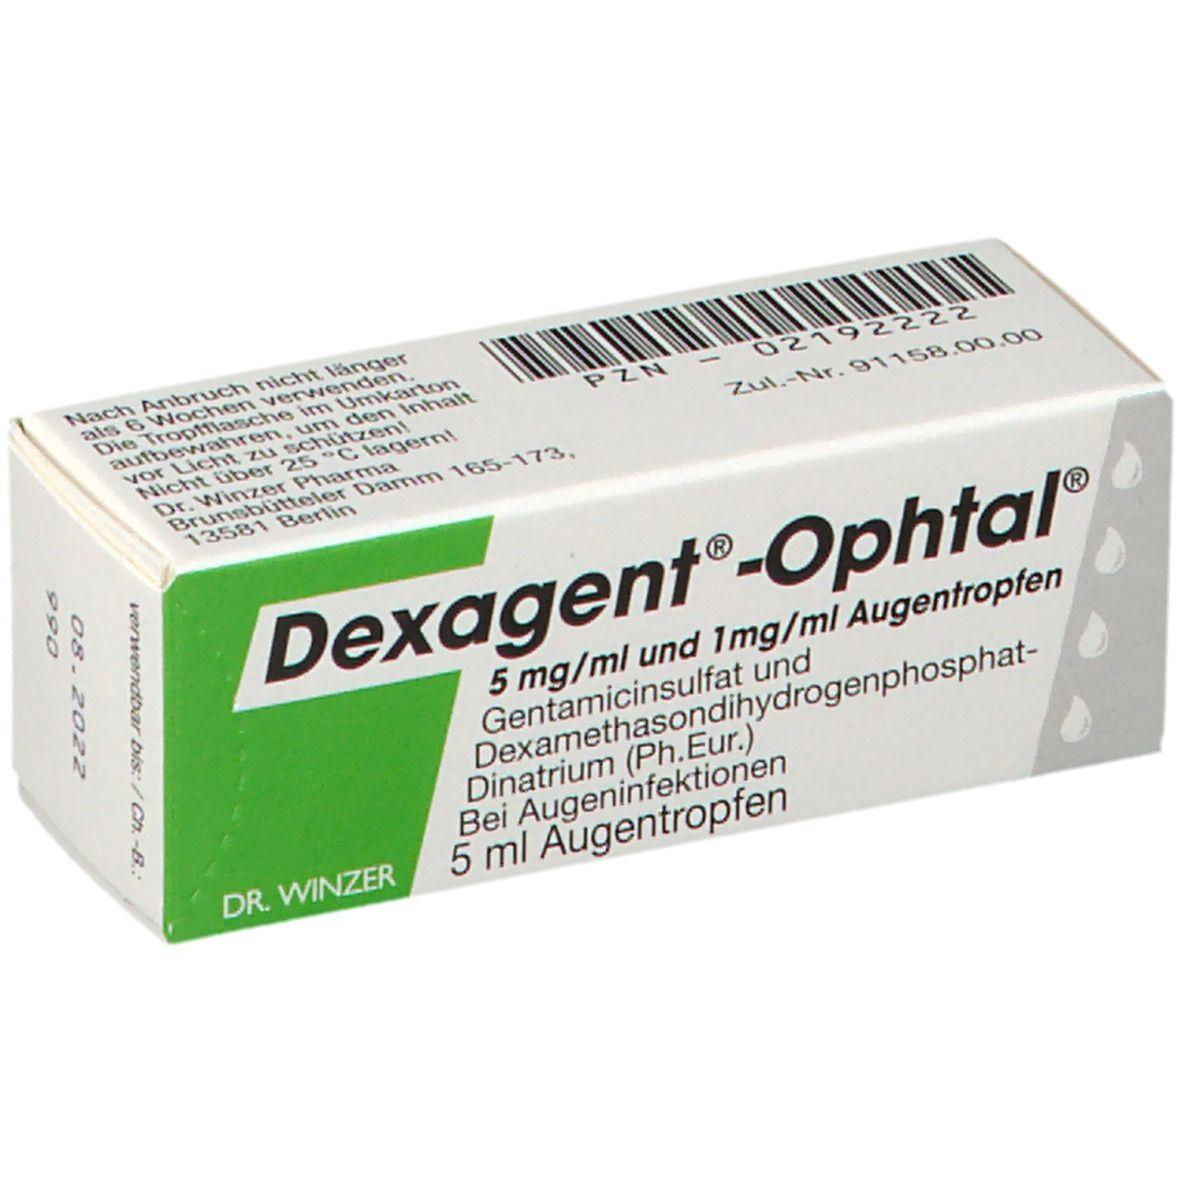 Bindehautentzündung gent ophtal Gentamicin